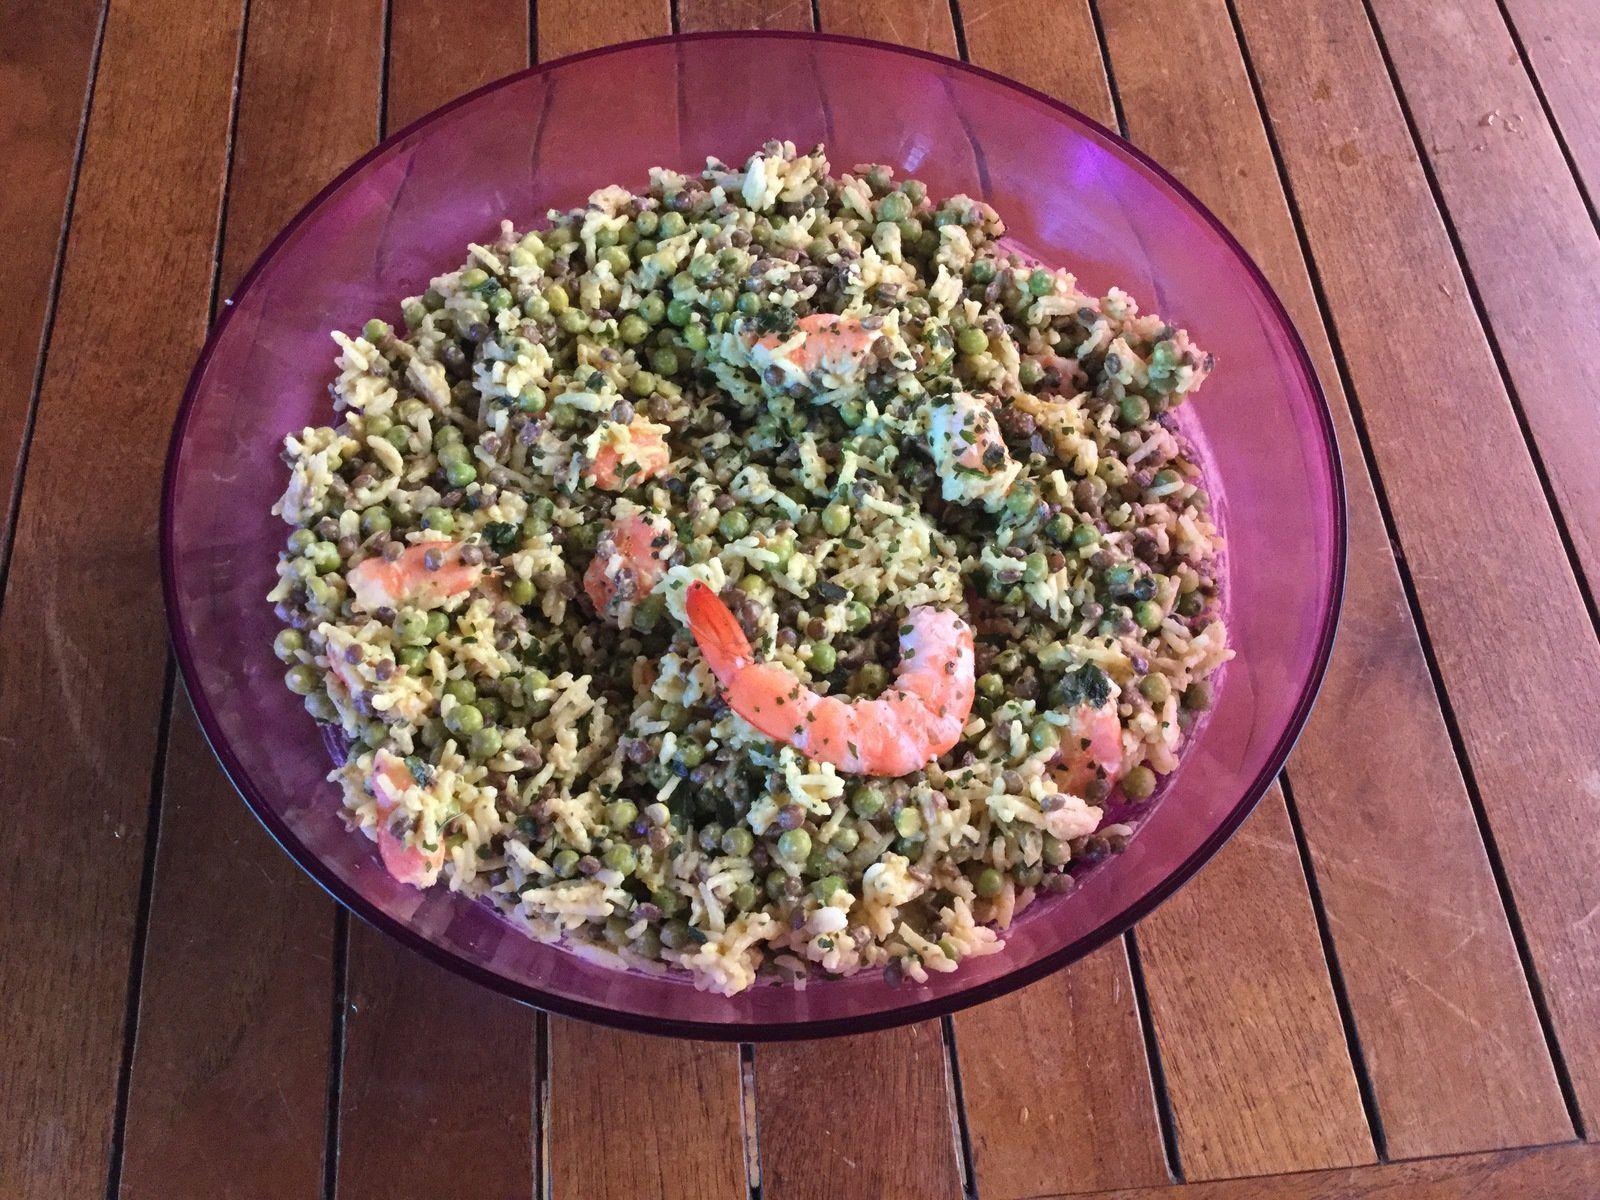 Salade parfumée lait de coco/coriandre